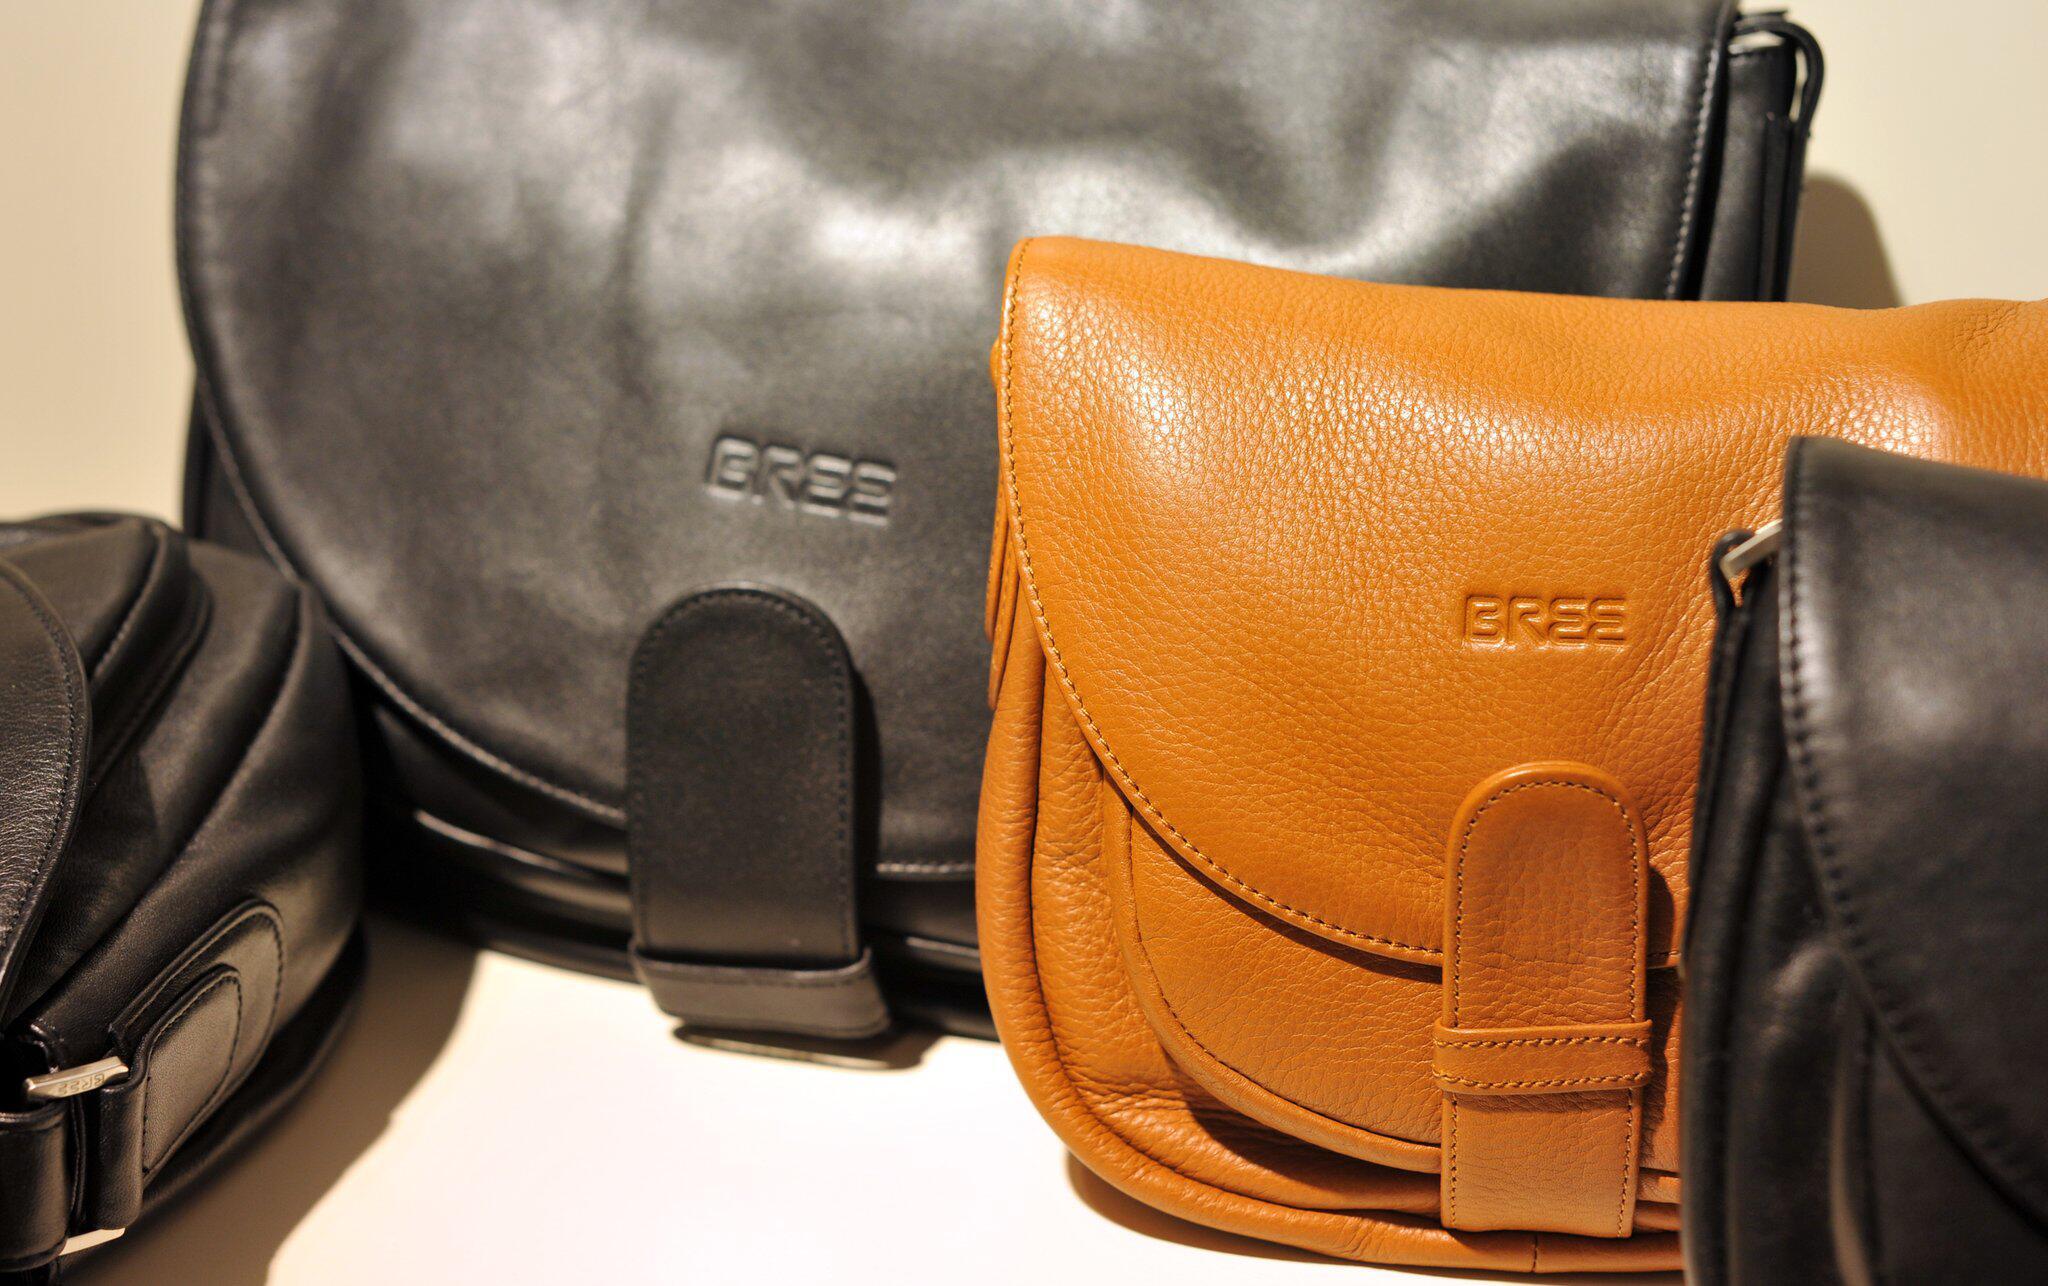 Bild zu Taschenhersteller Bree